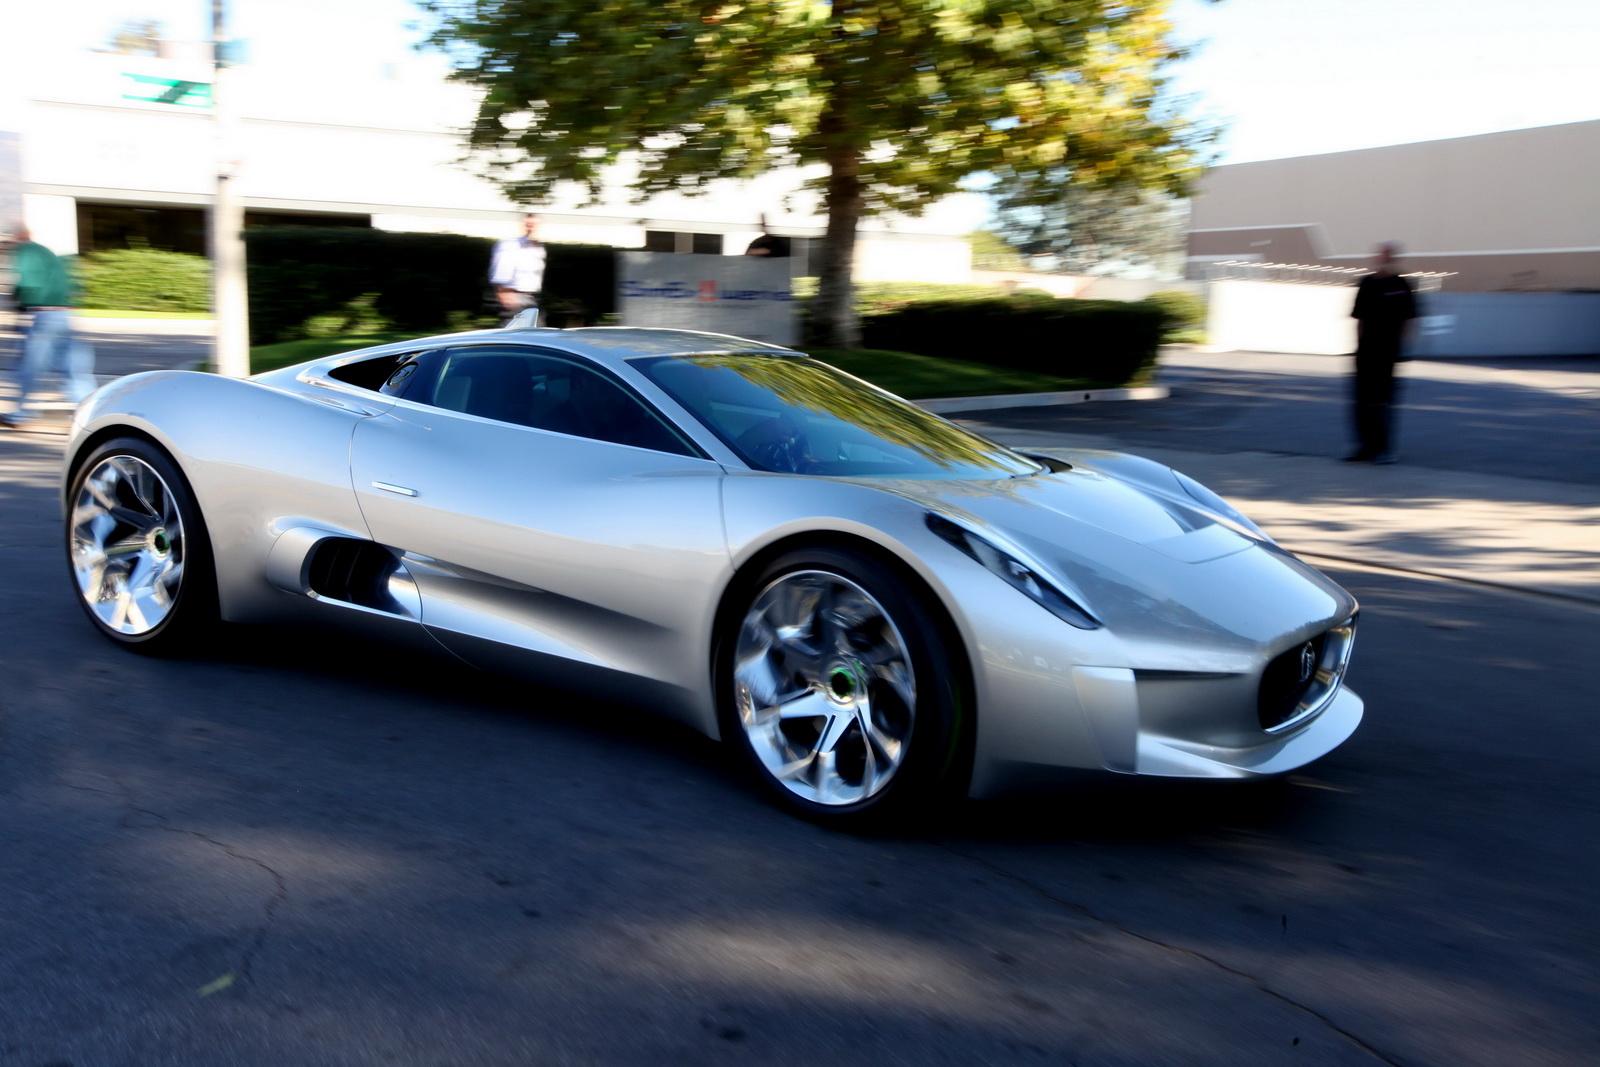 jaguar to build c x75 hybrid supercar. Black Bedroom Furniture Sets. Home Design Ideas